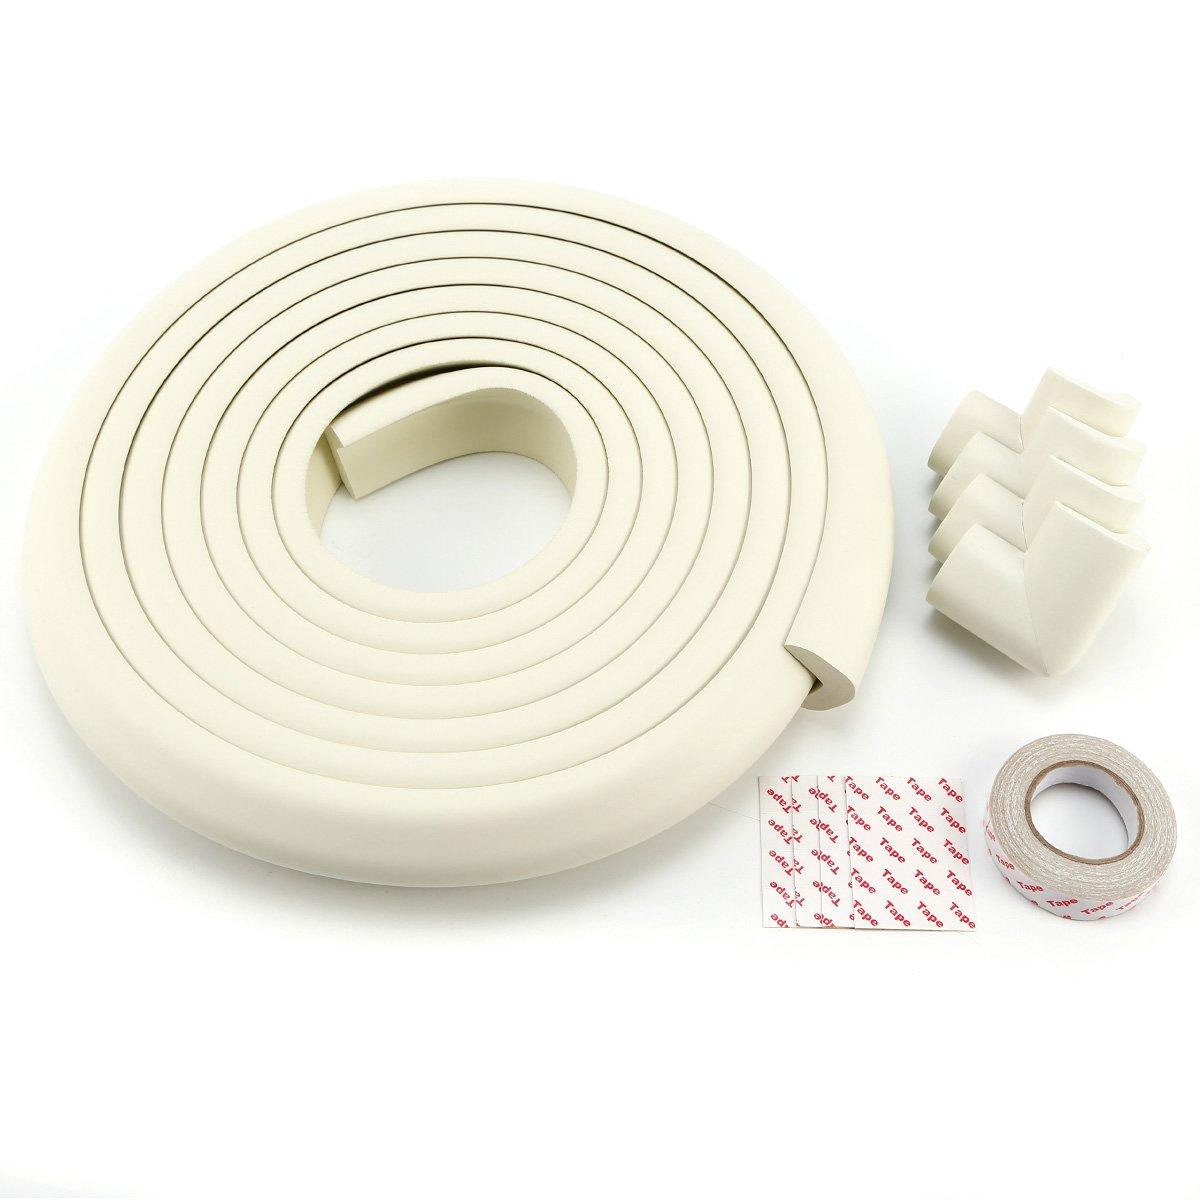 5m bande protè ge coin + 4x protecteur d' angle meuble bord protection Pare-chocs blanc Générique